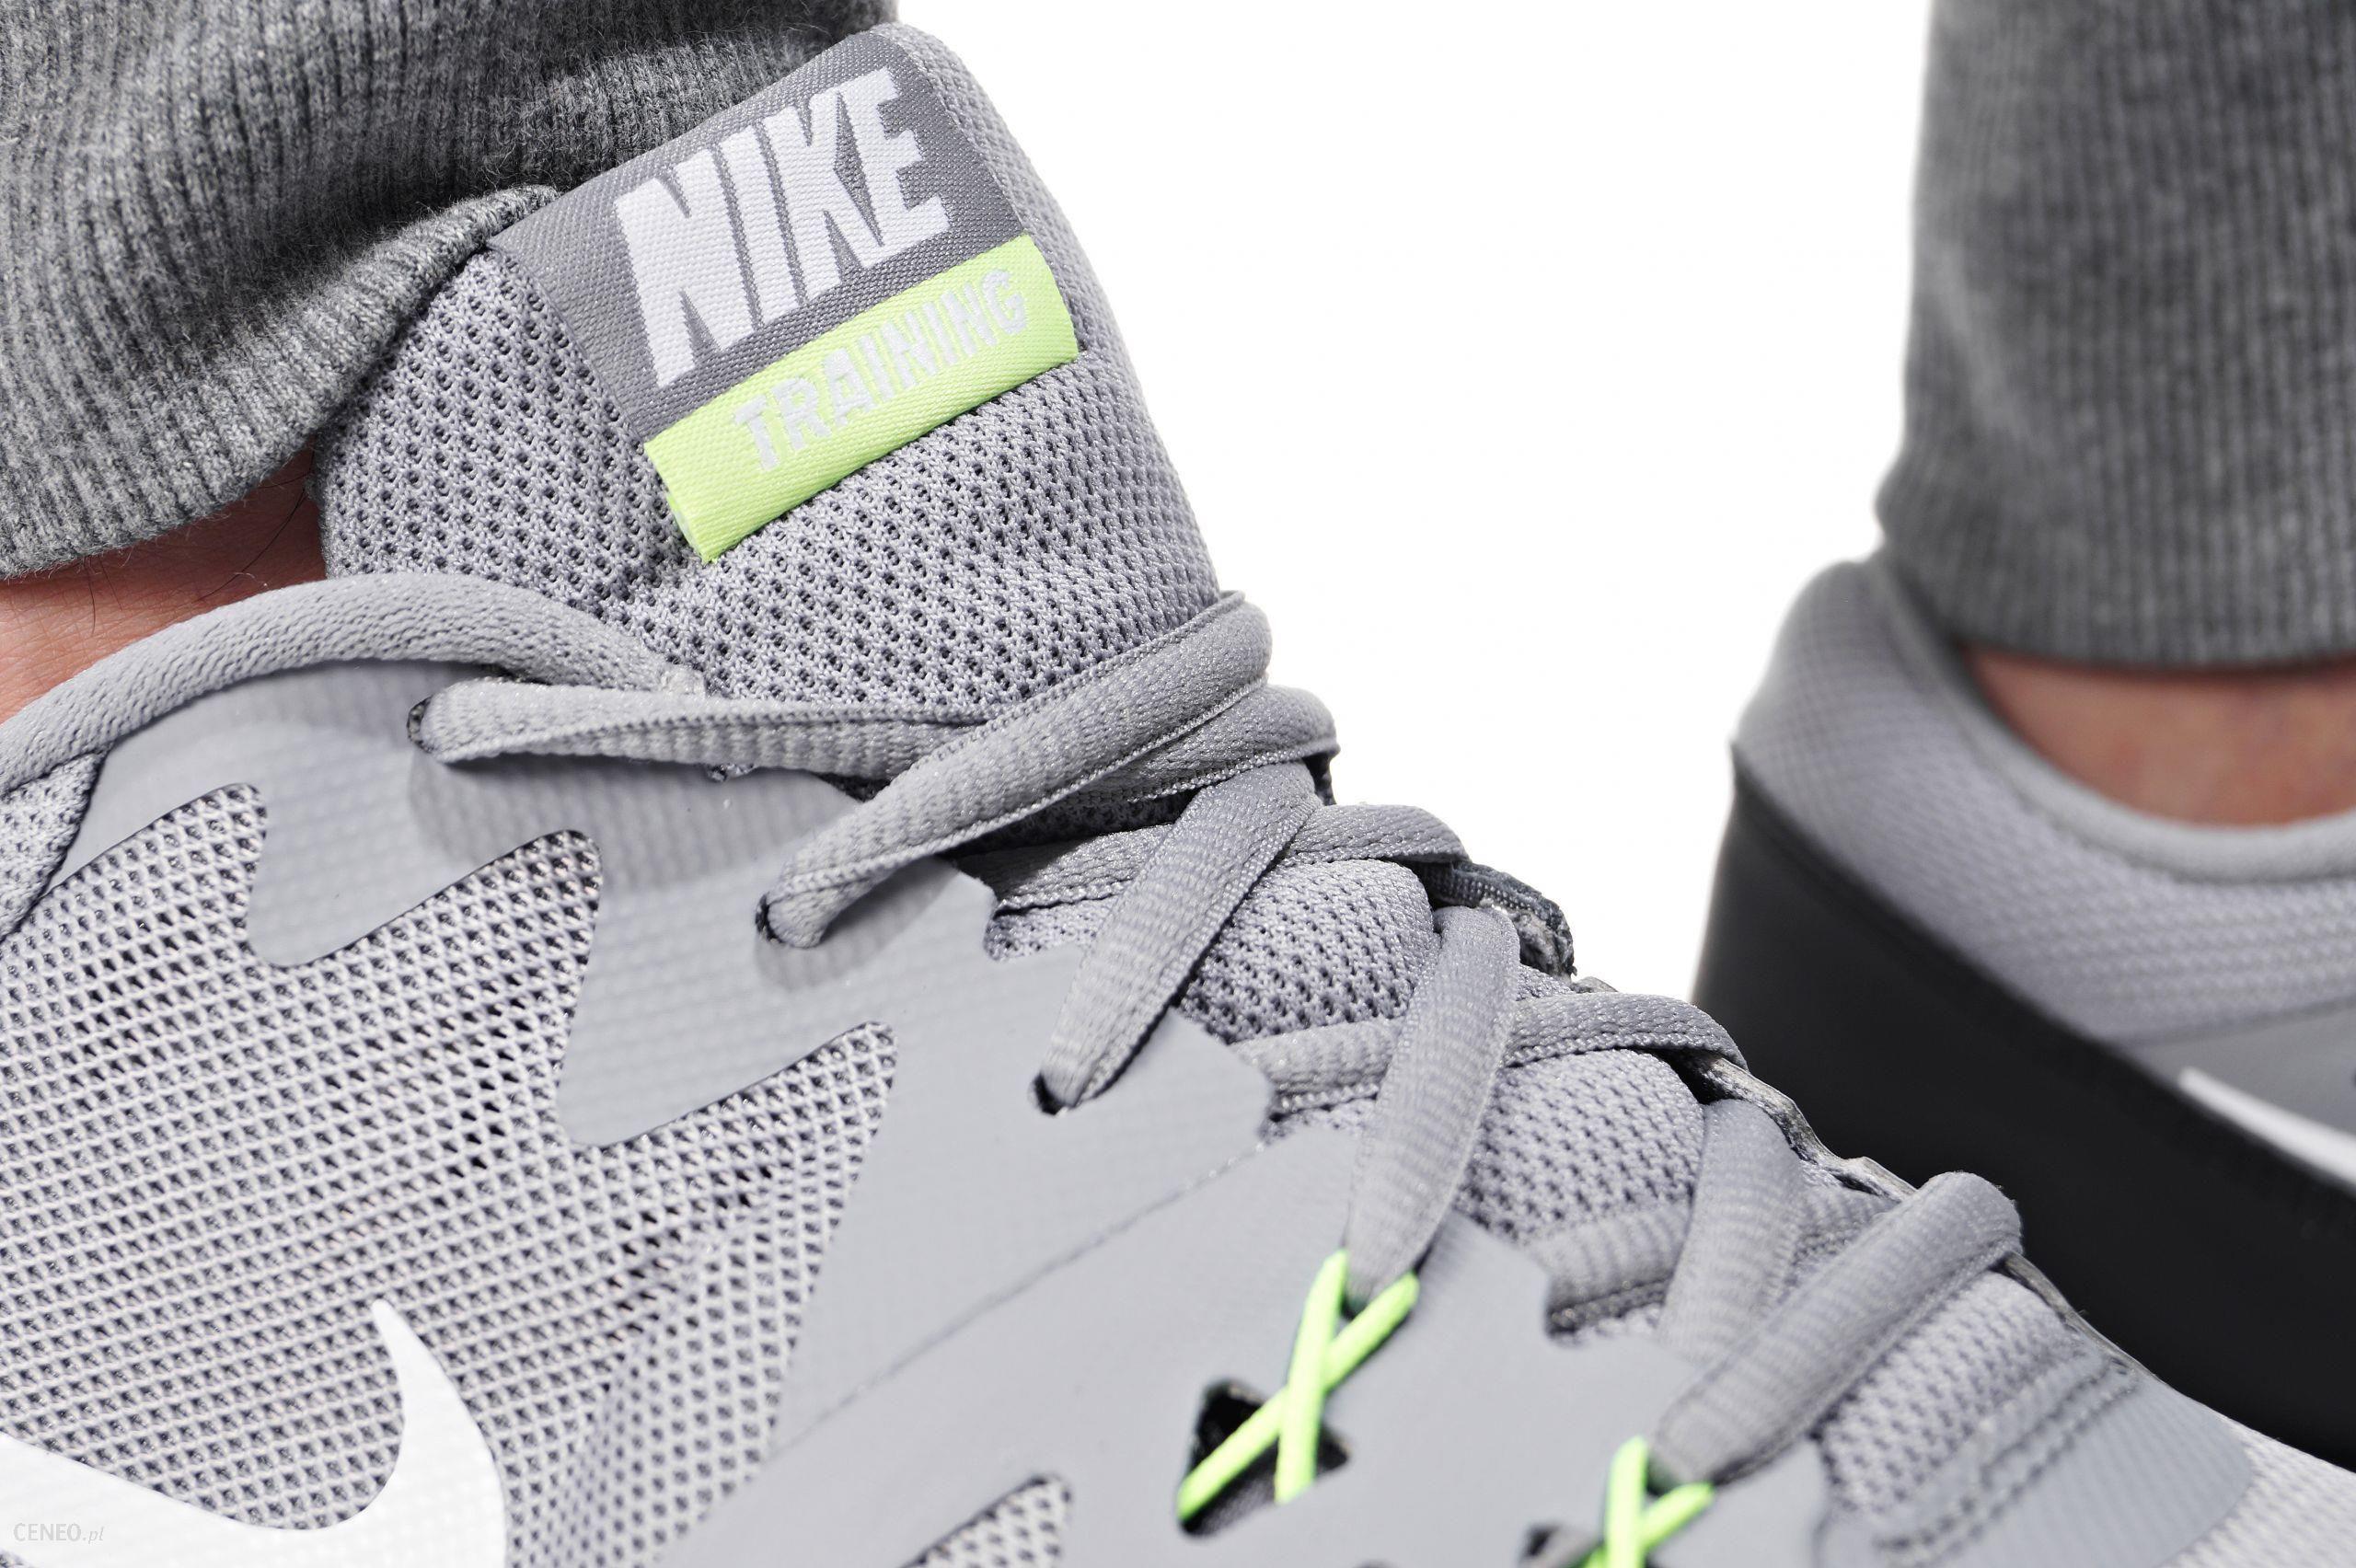 newest 73c09 4cb0b ... Buty Nike Męskie Air Epic Speed Tr II 852456-007 - zdjęcie 5 ...